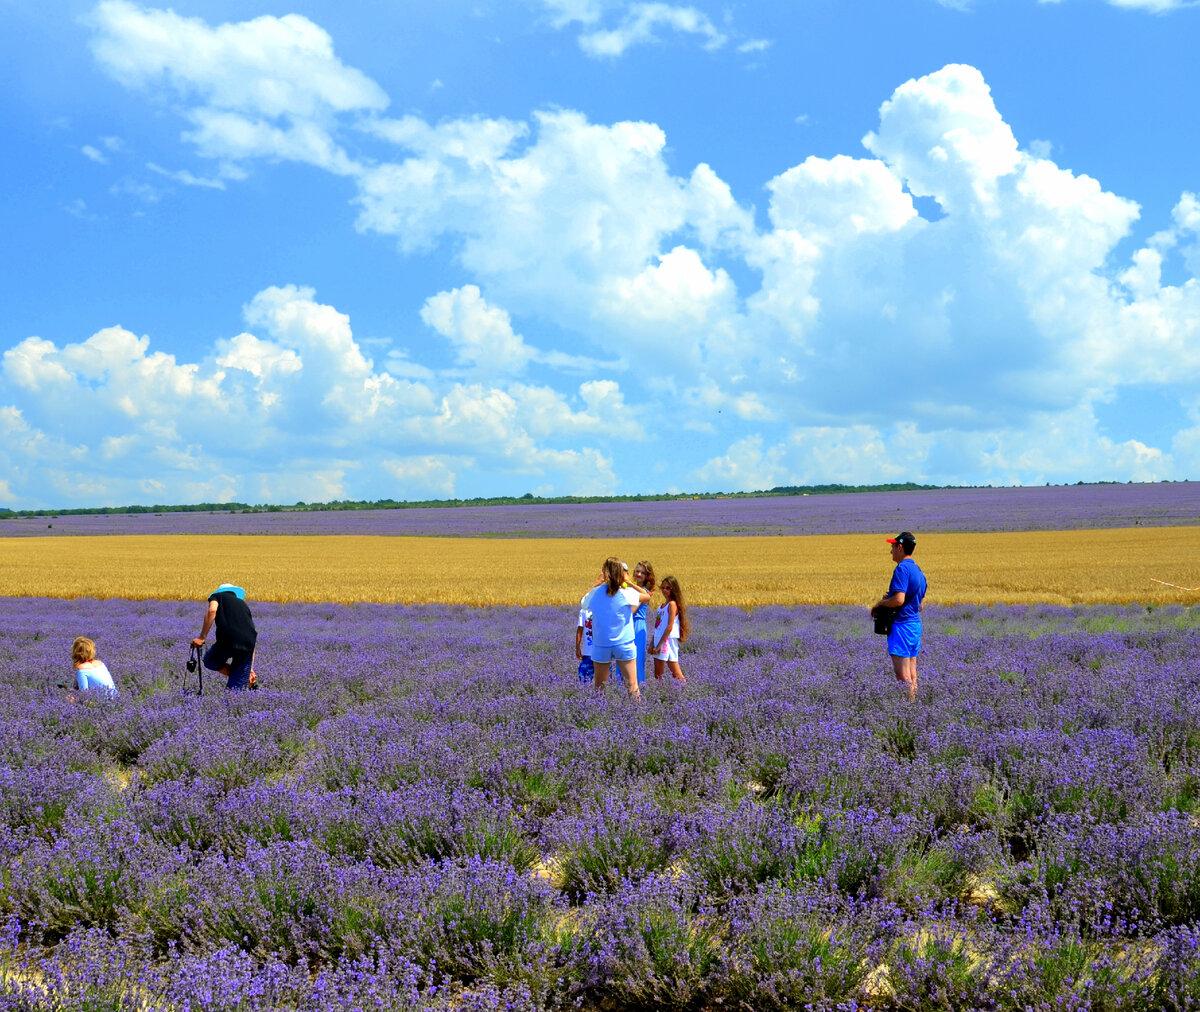 Жёлтая полоска пшеницы между лавандовыми полями. Фото автора.